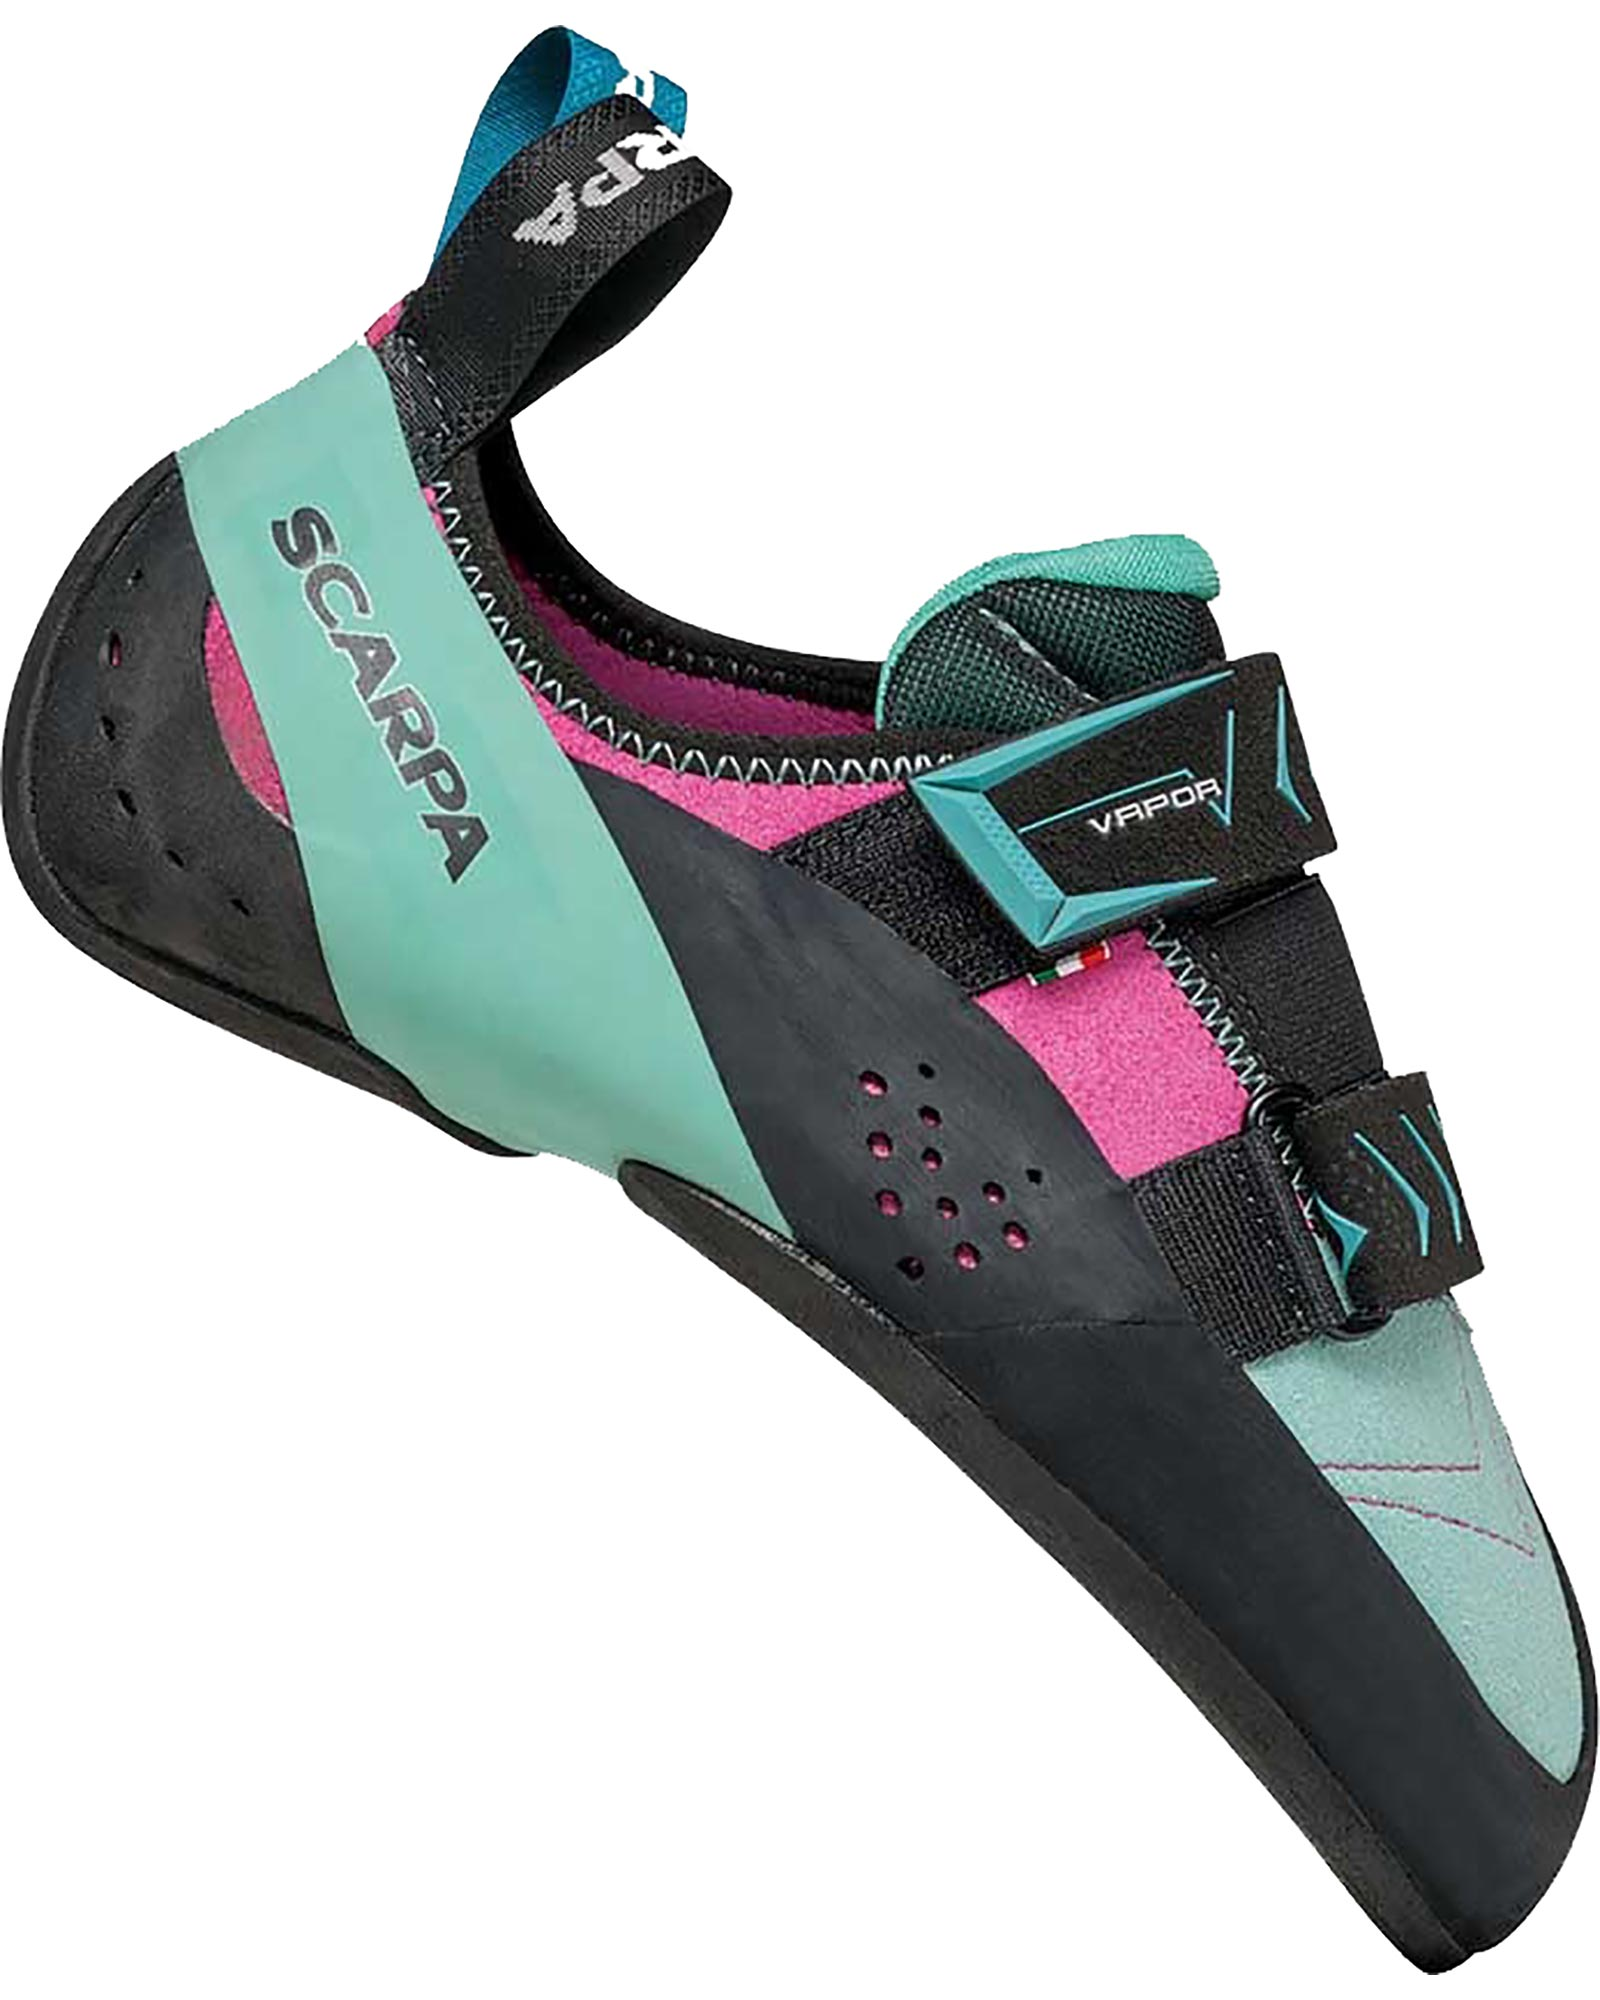 Scarpa Women's Vapour V Climbing Shoes 0